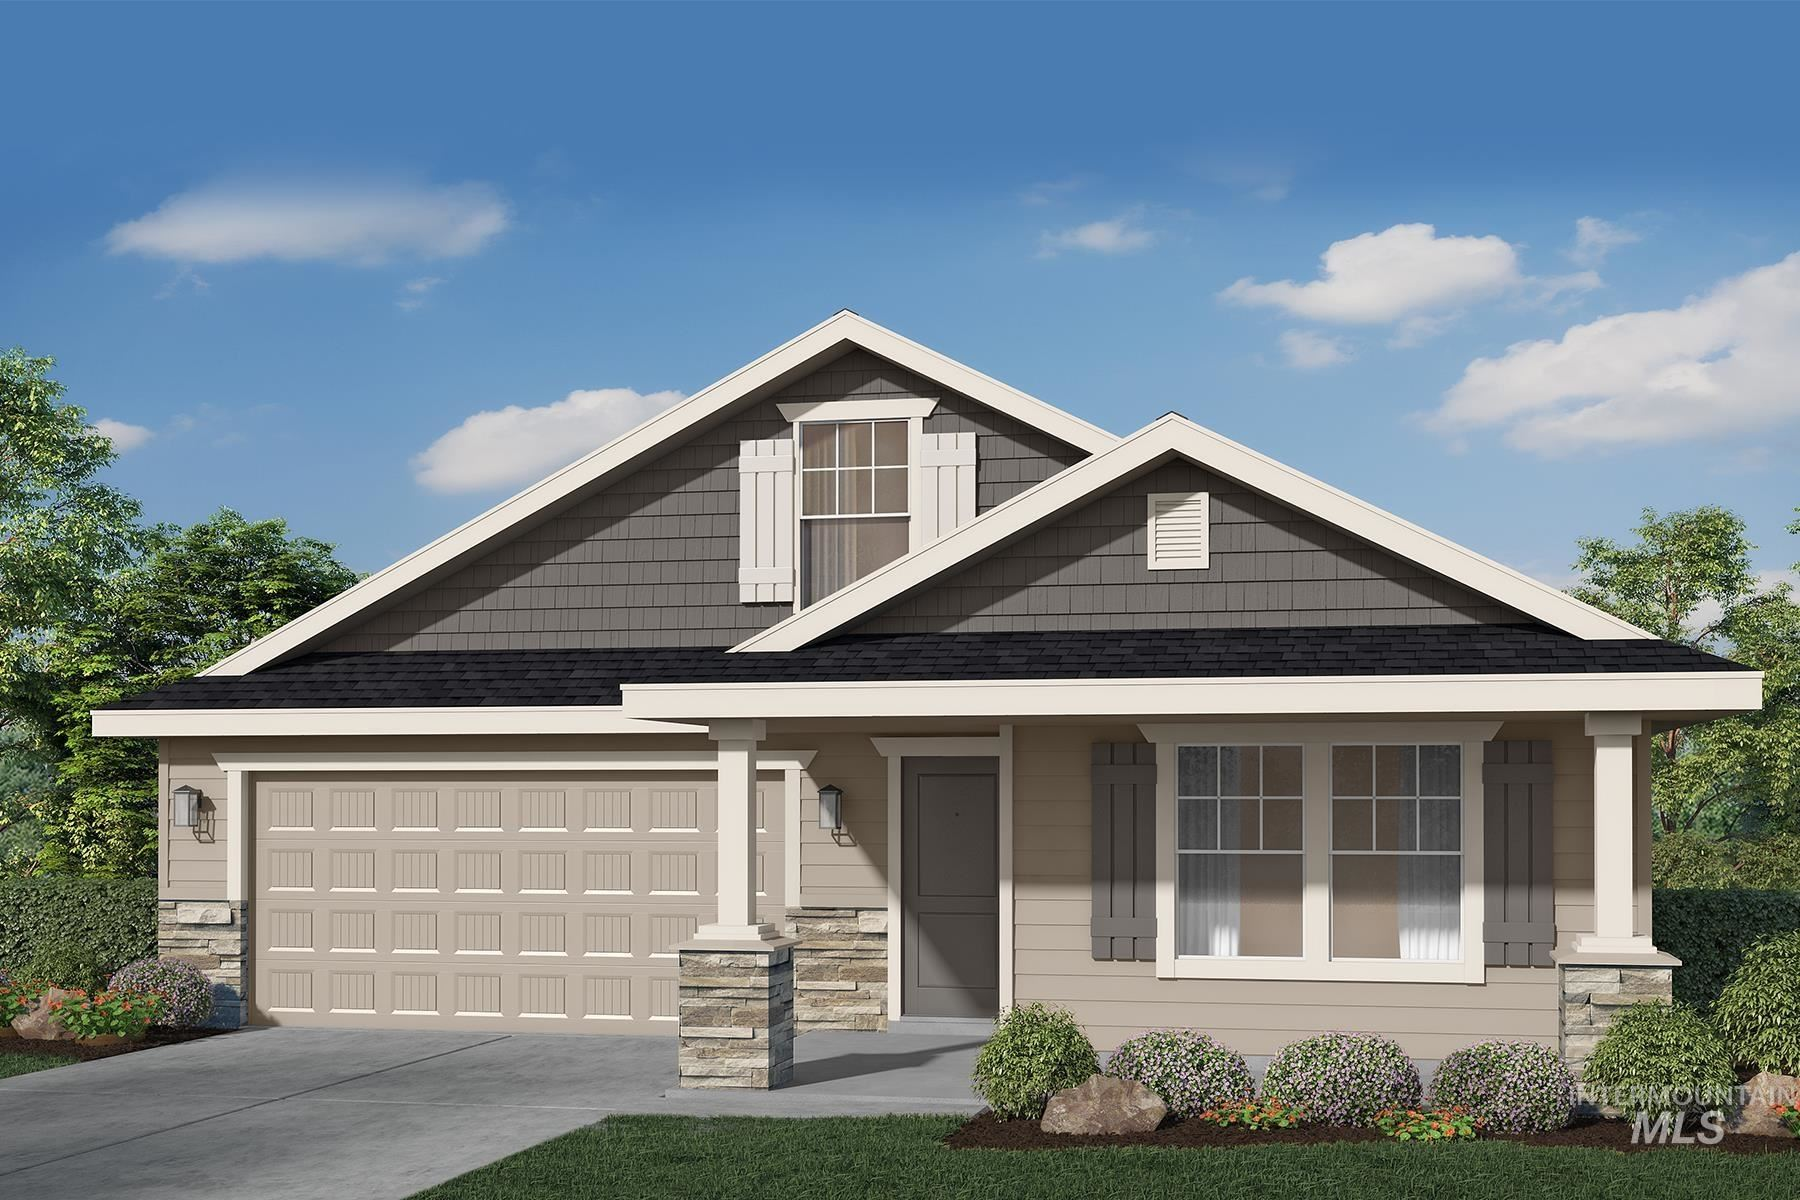 3067 N Greengate Way, Star, ID 83669 - MLS#: 98817420